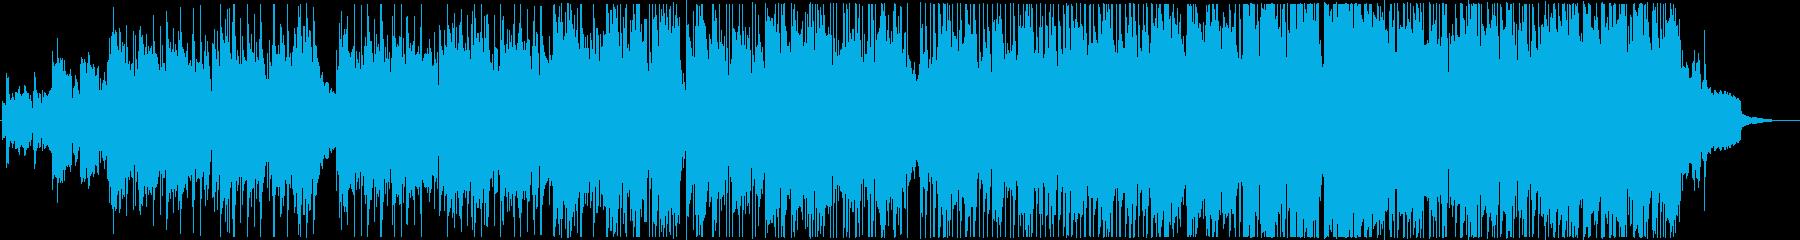 大通りのブルースの再生済みの波形